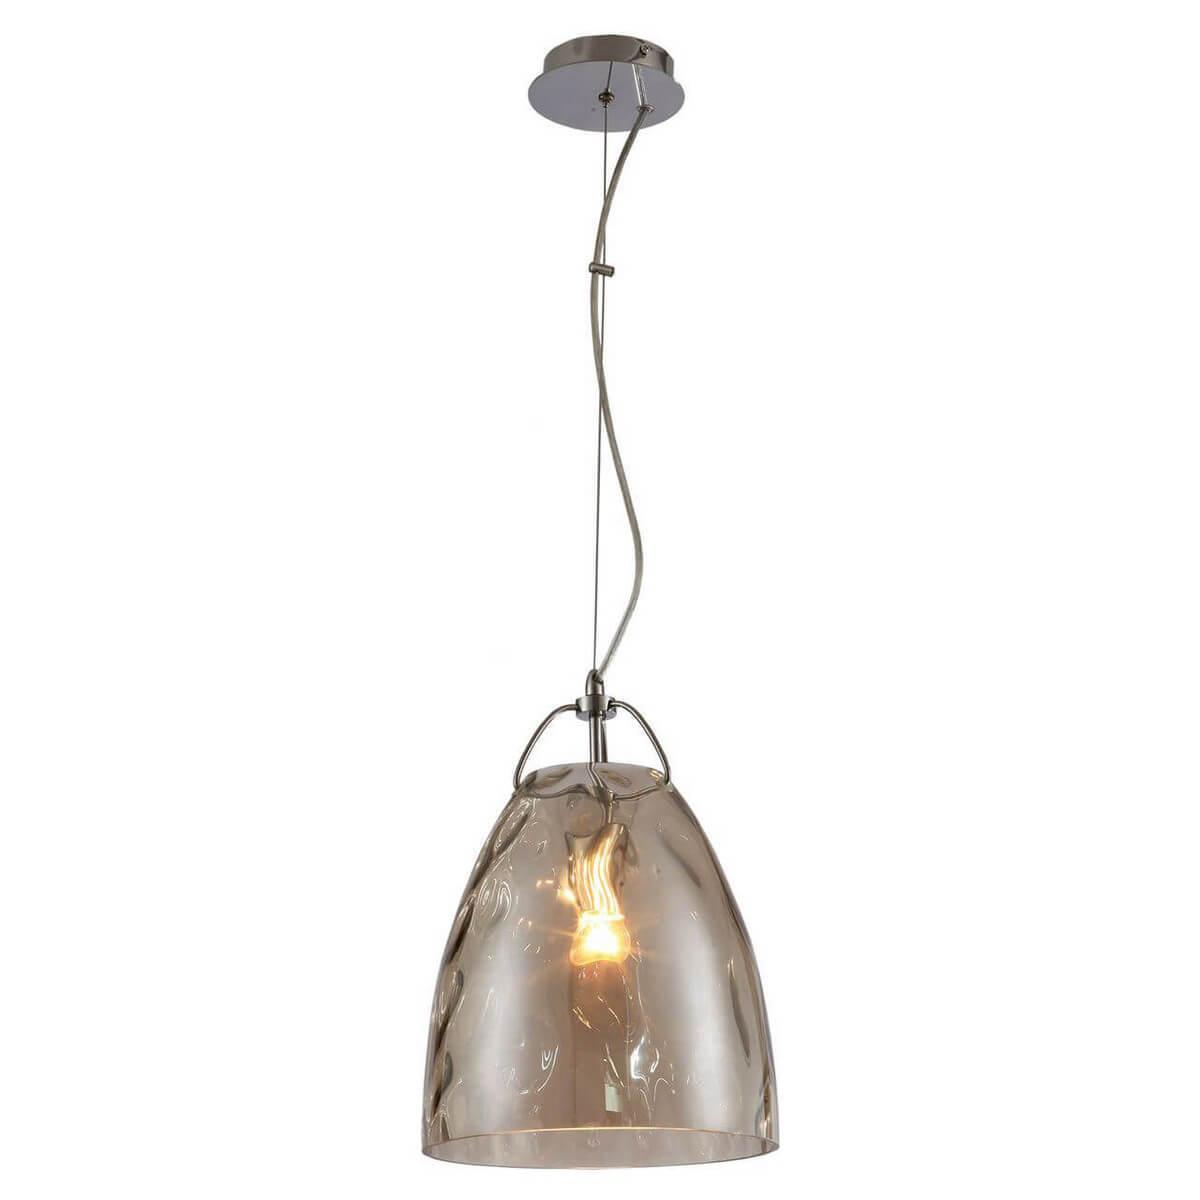 Подвесной светильник Lussole GRLSP-9631, E27, 11 Вт подвесной светильник lussole grlsp 9678 коричневый